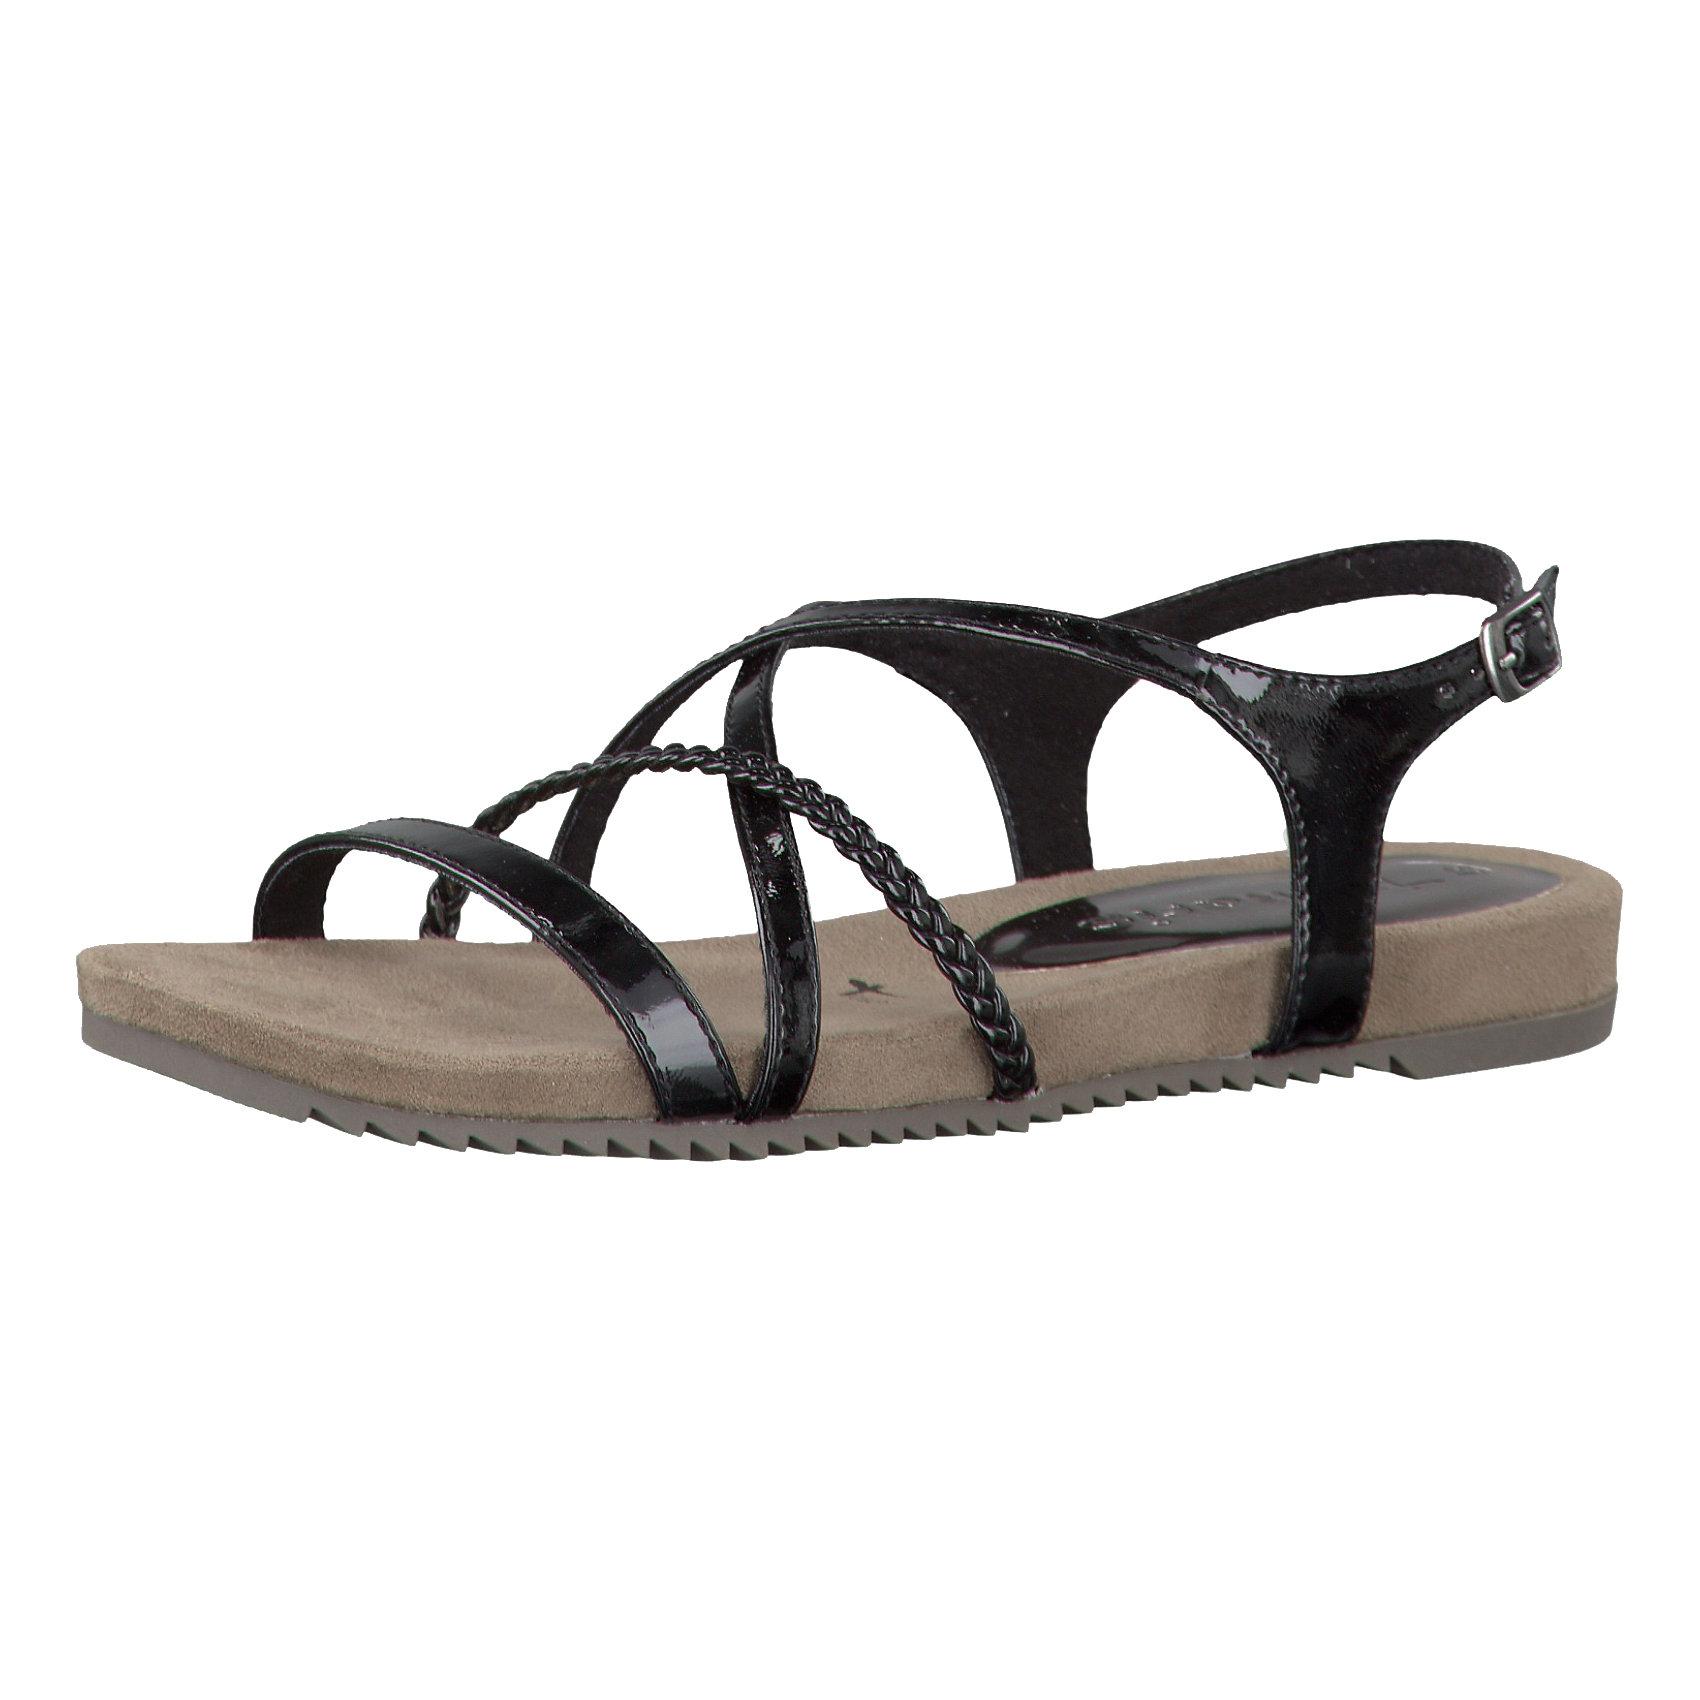 Details zu Neu Tamaris Locust Sandaletten 5773030 für Damen